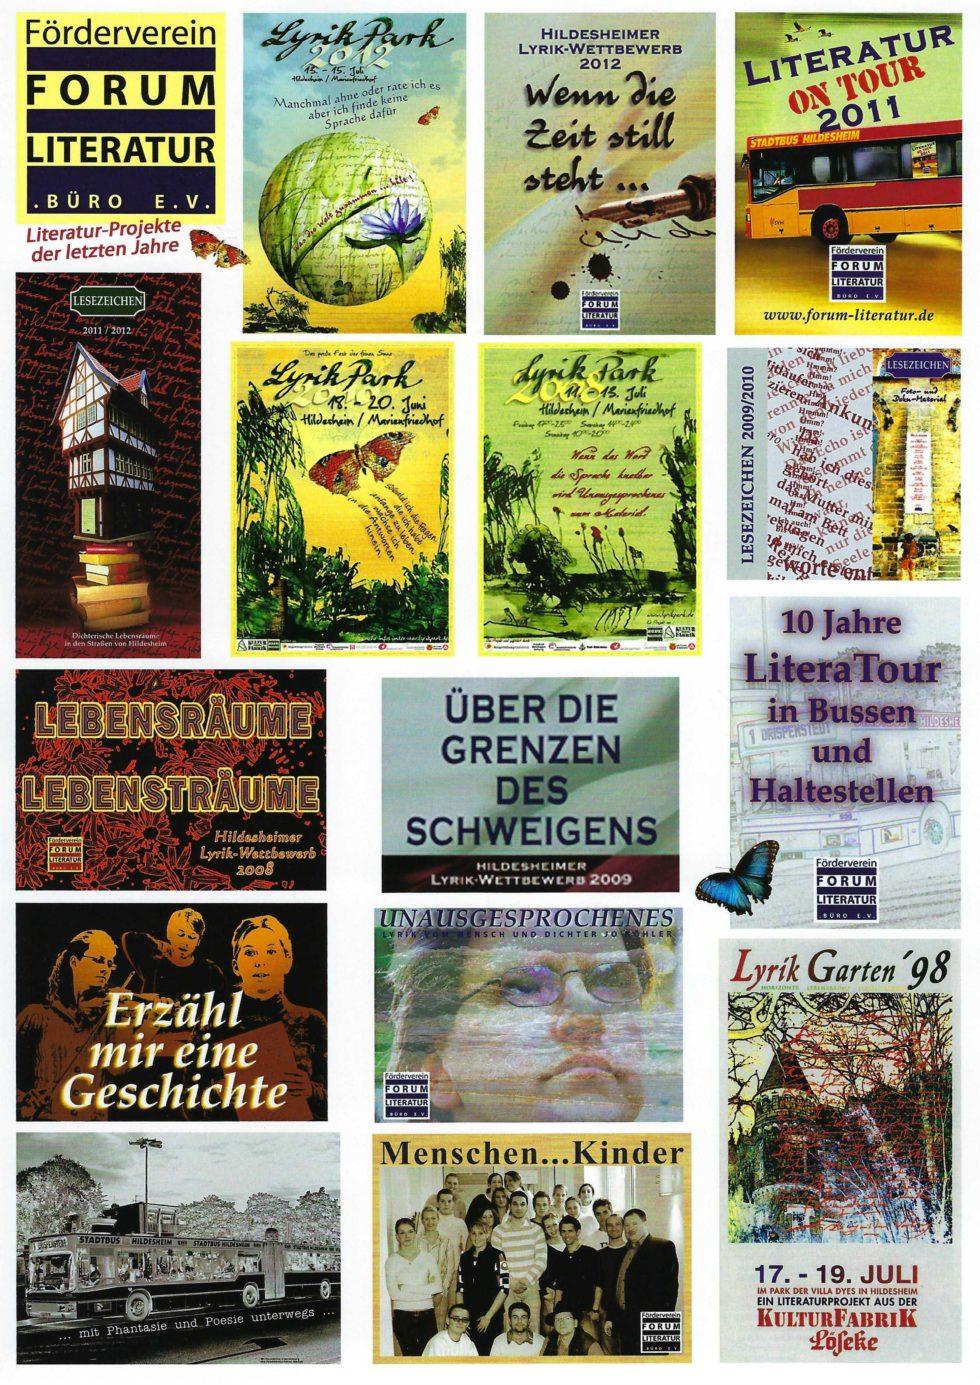 2012 LyrikPark, Wettbewerb, 20.Juli, Jahresrückblick_Seite_01